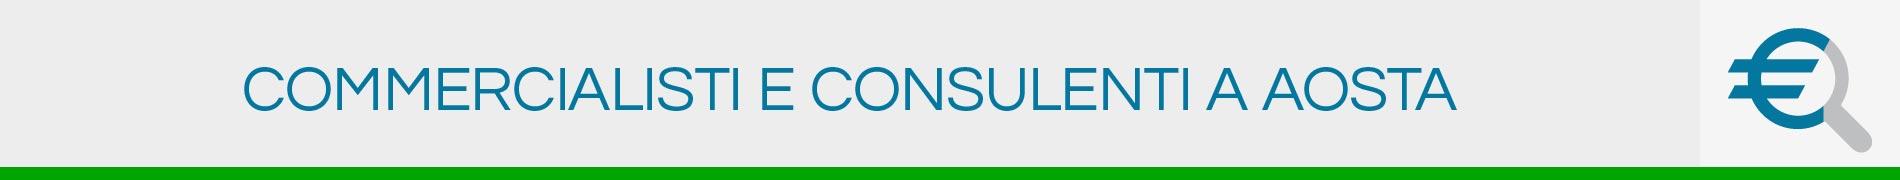 Commercialisti e Consulenti a Aosta